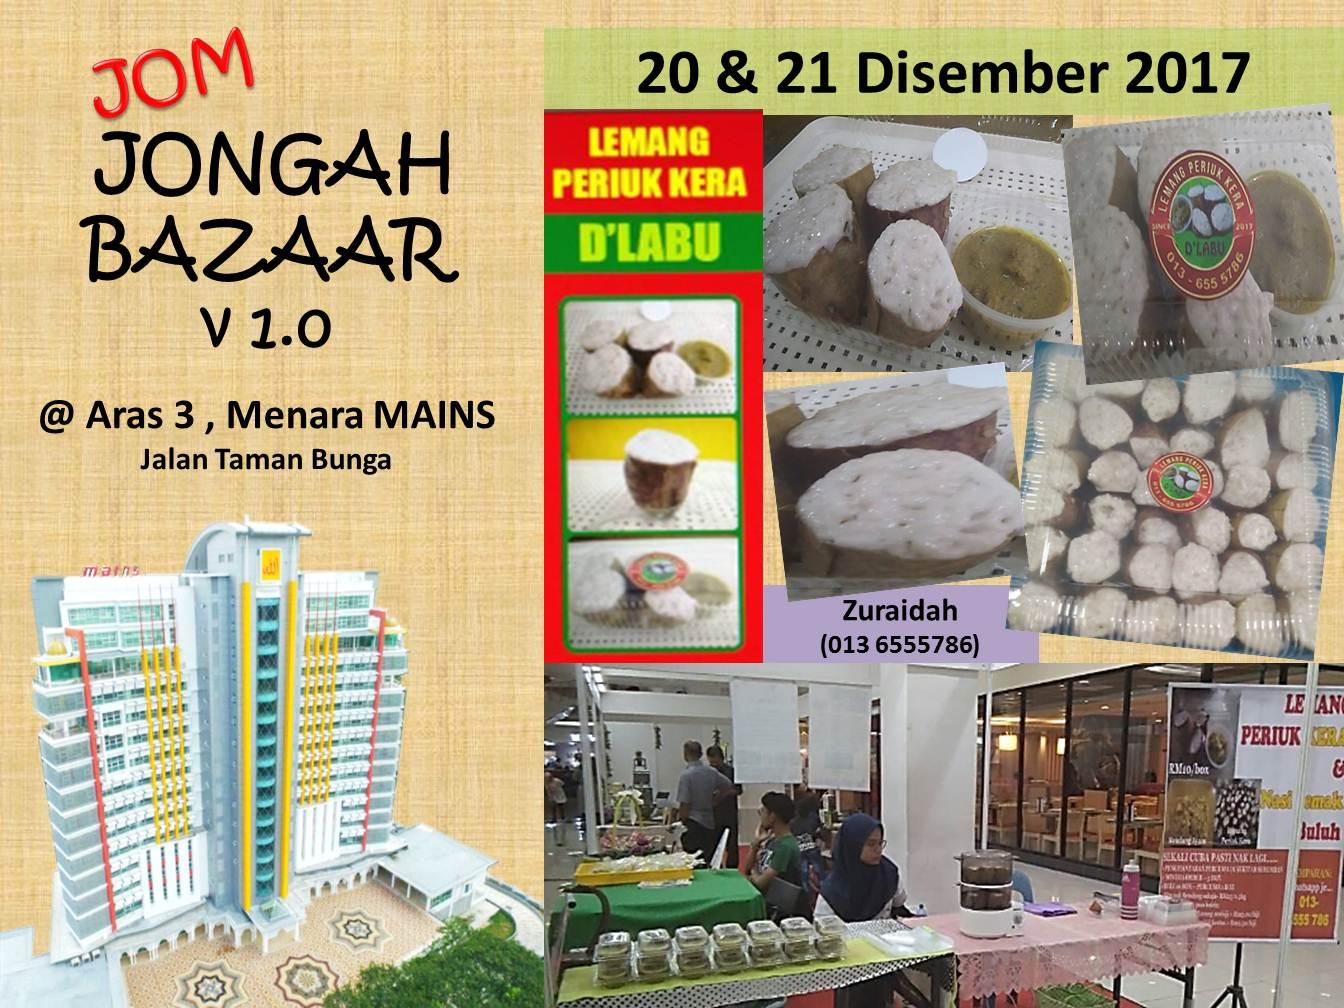 Jom Jongah Bazaar, Aras 3 Menara MAINS